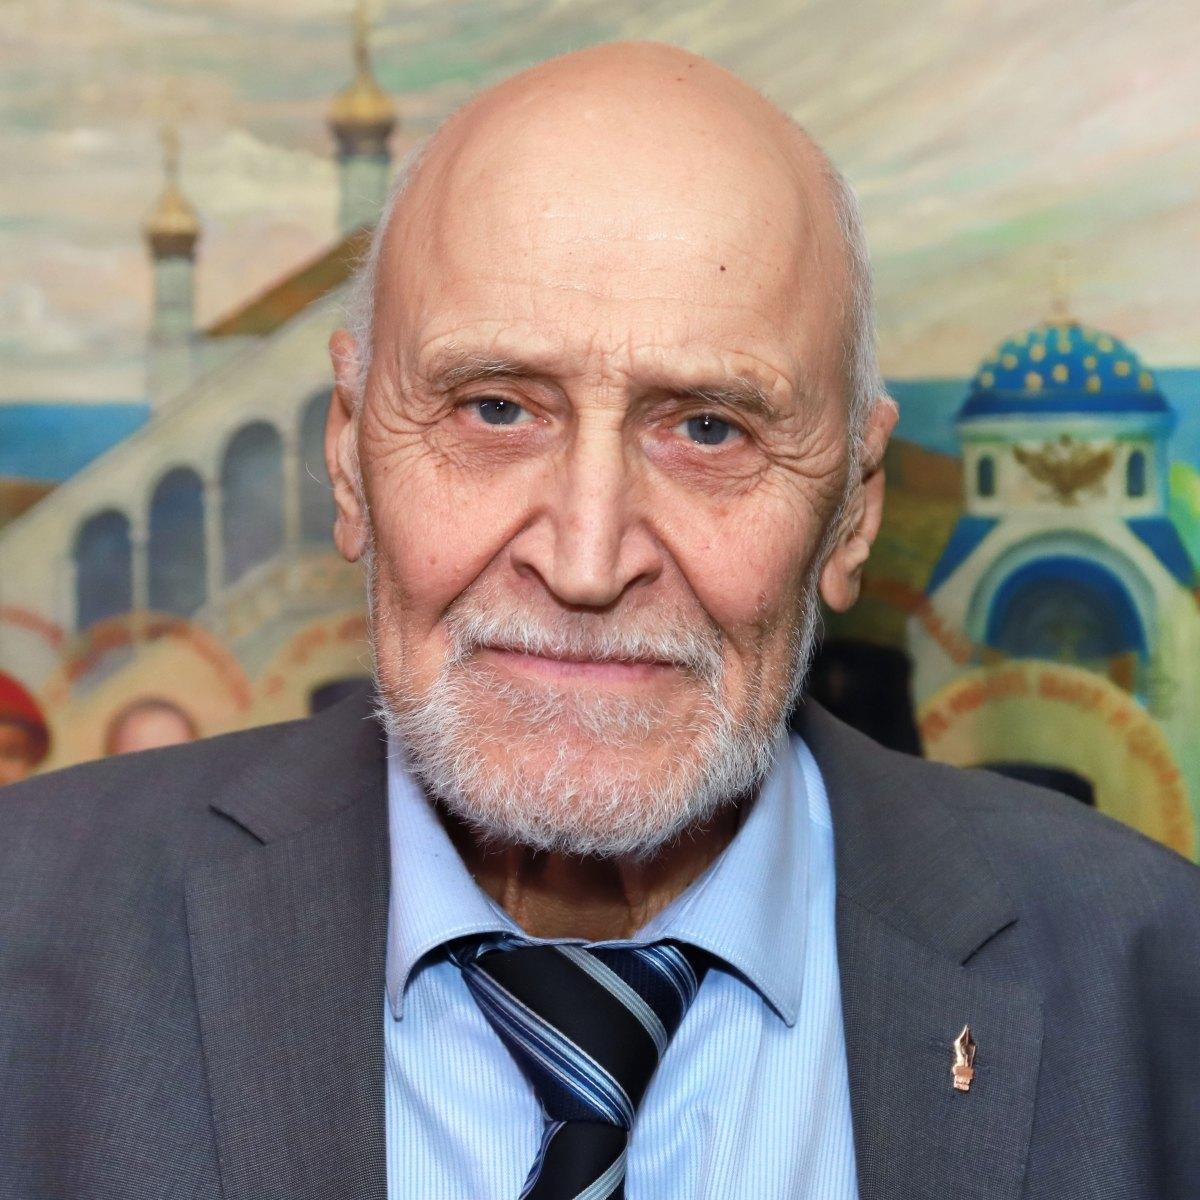 Дроздов, николай николаевич — википедия с видео // wiki 2